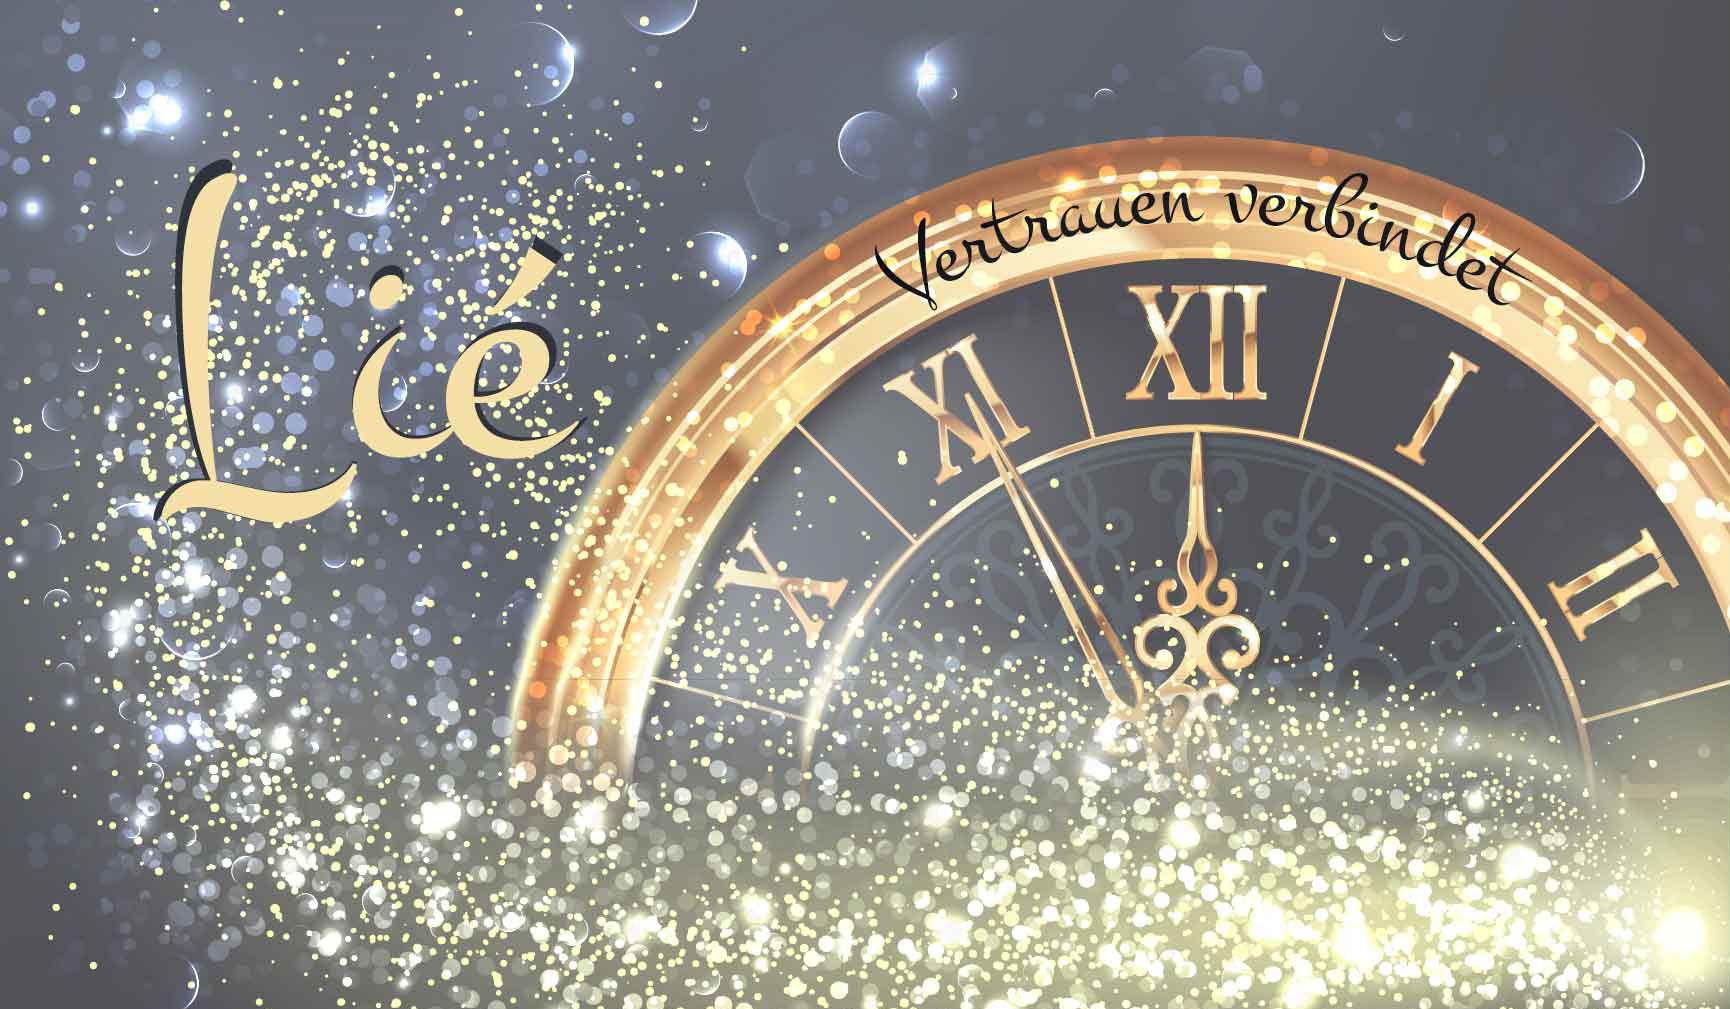 Lié-Vetrauen-verbindet_Logo_hochzeit